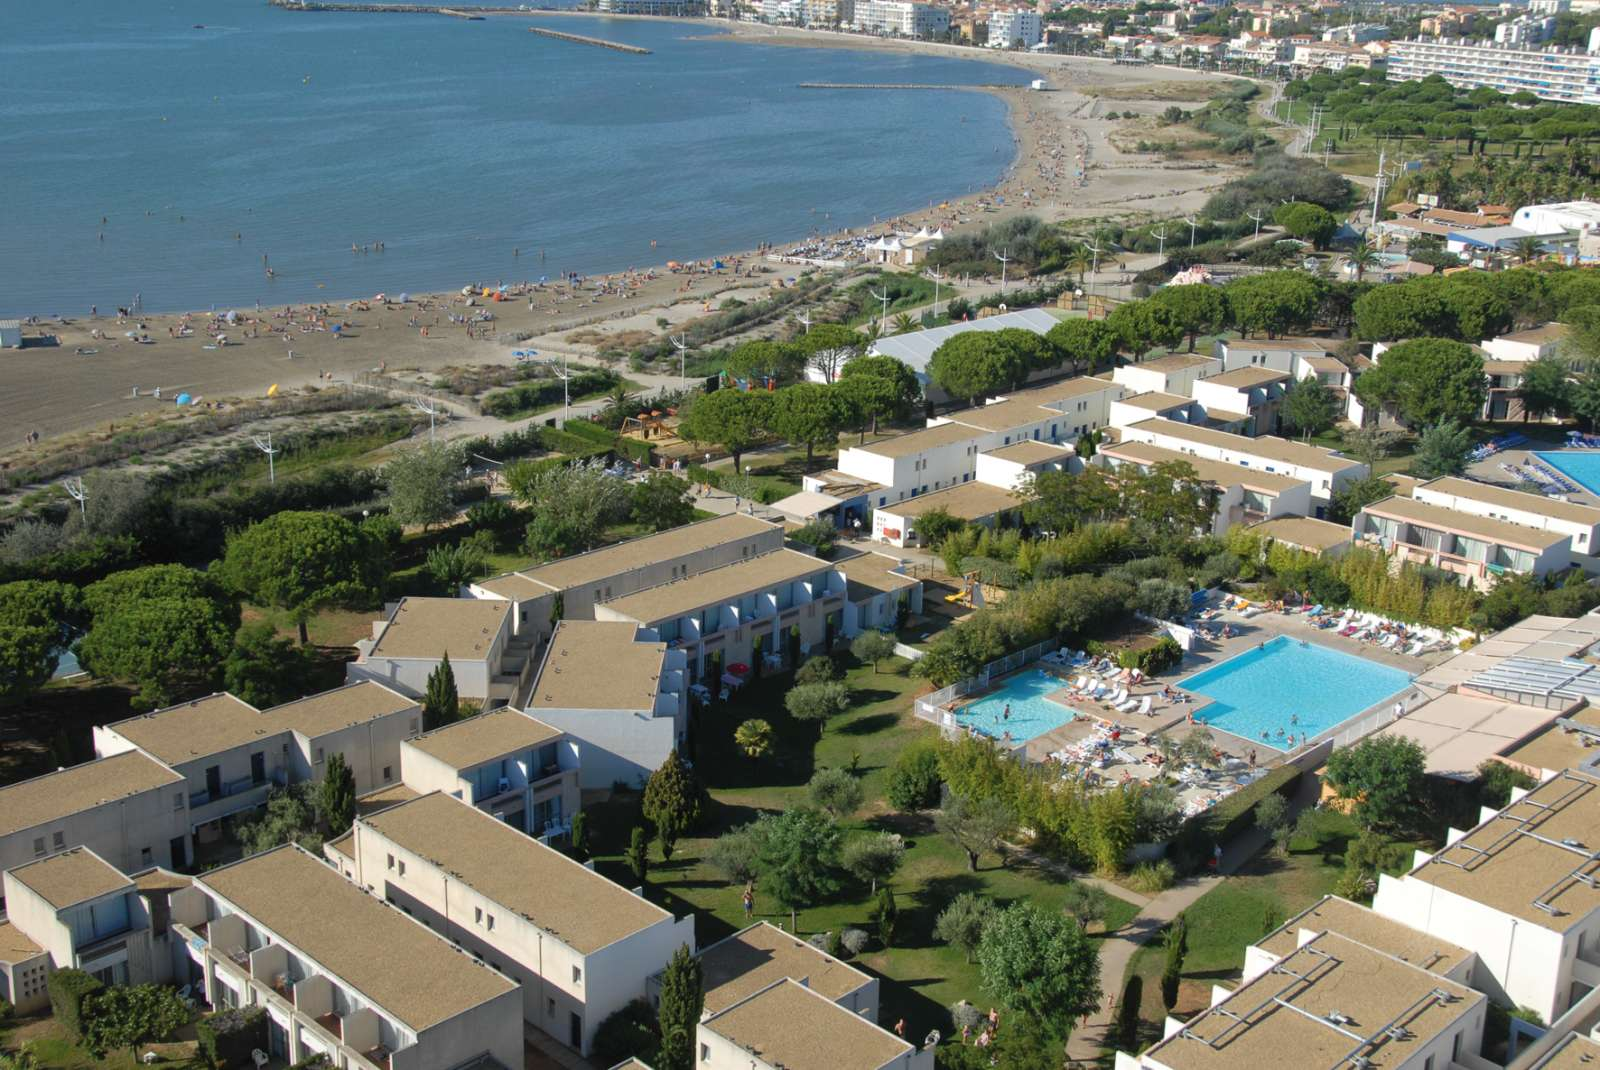 R 233 Sidence Village Club De Camargue Location Vacances